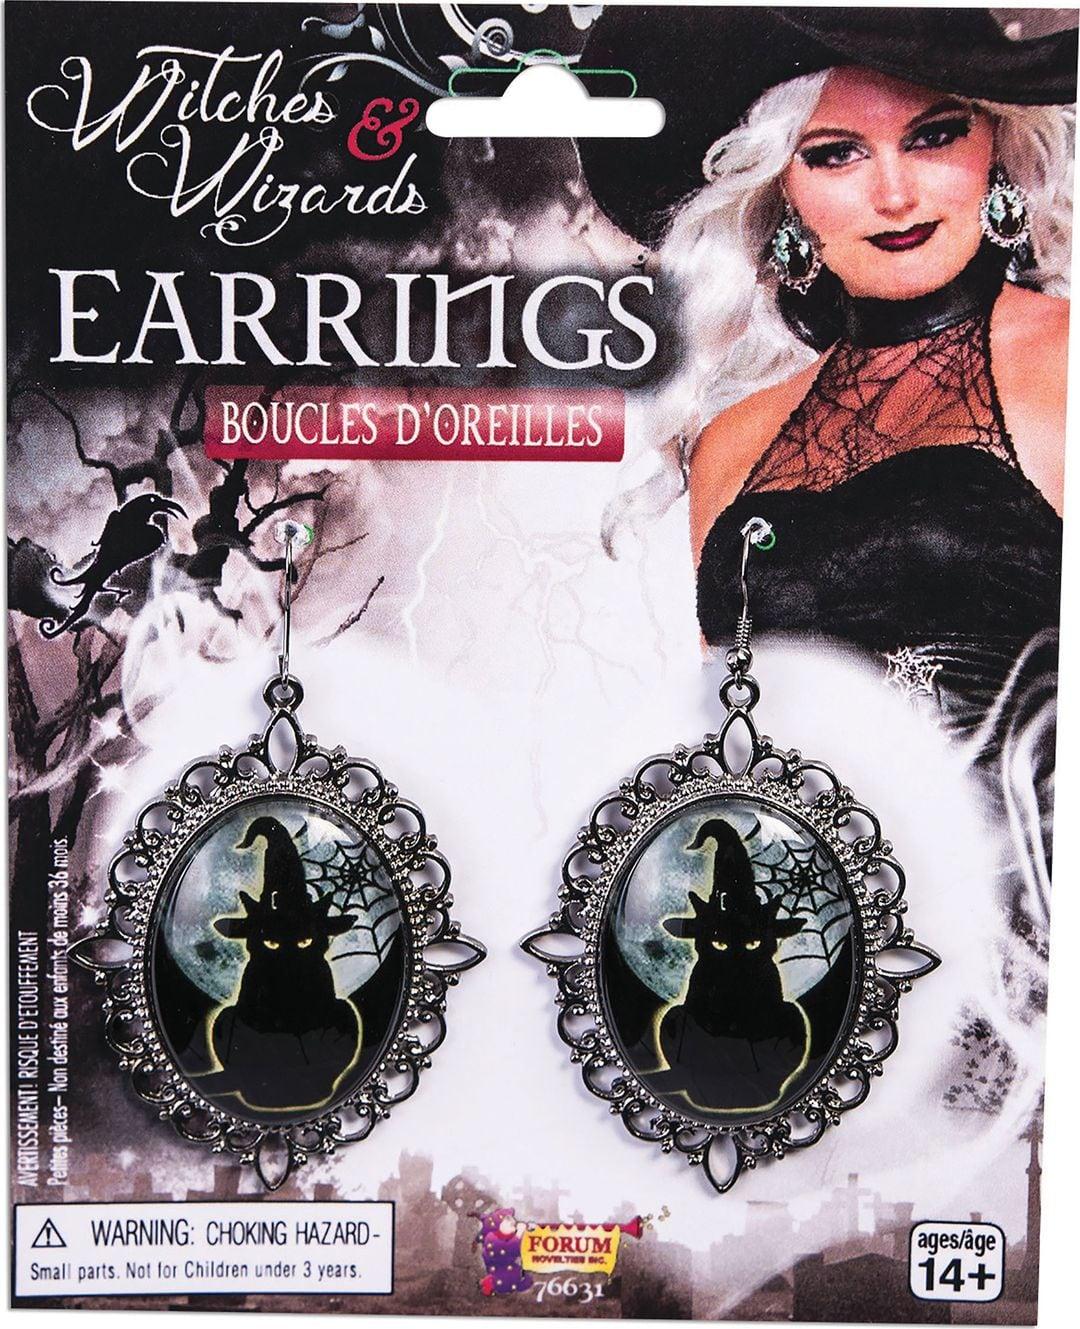 Heksen oorbellen